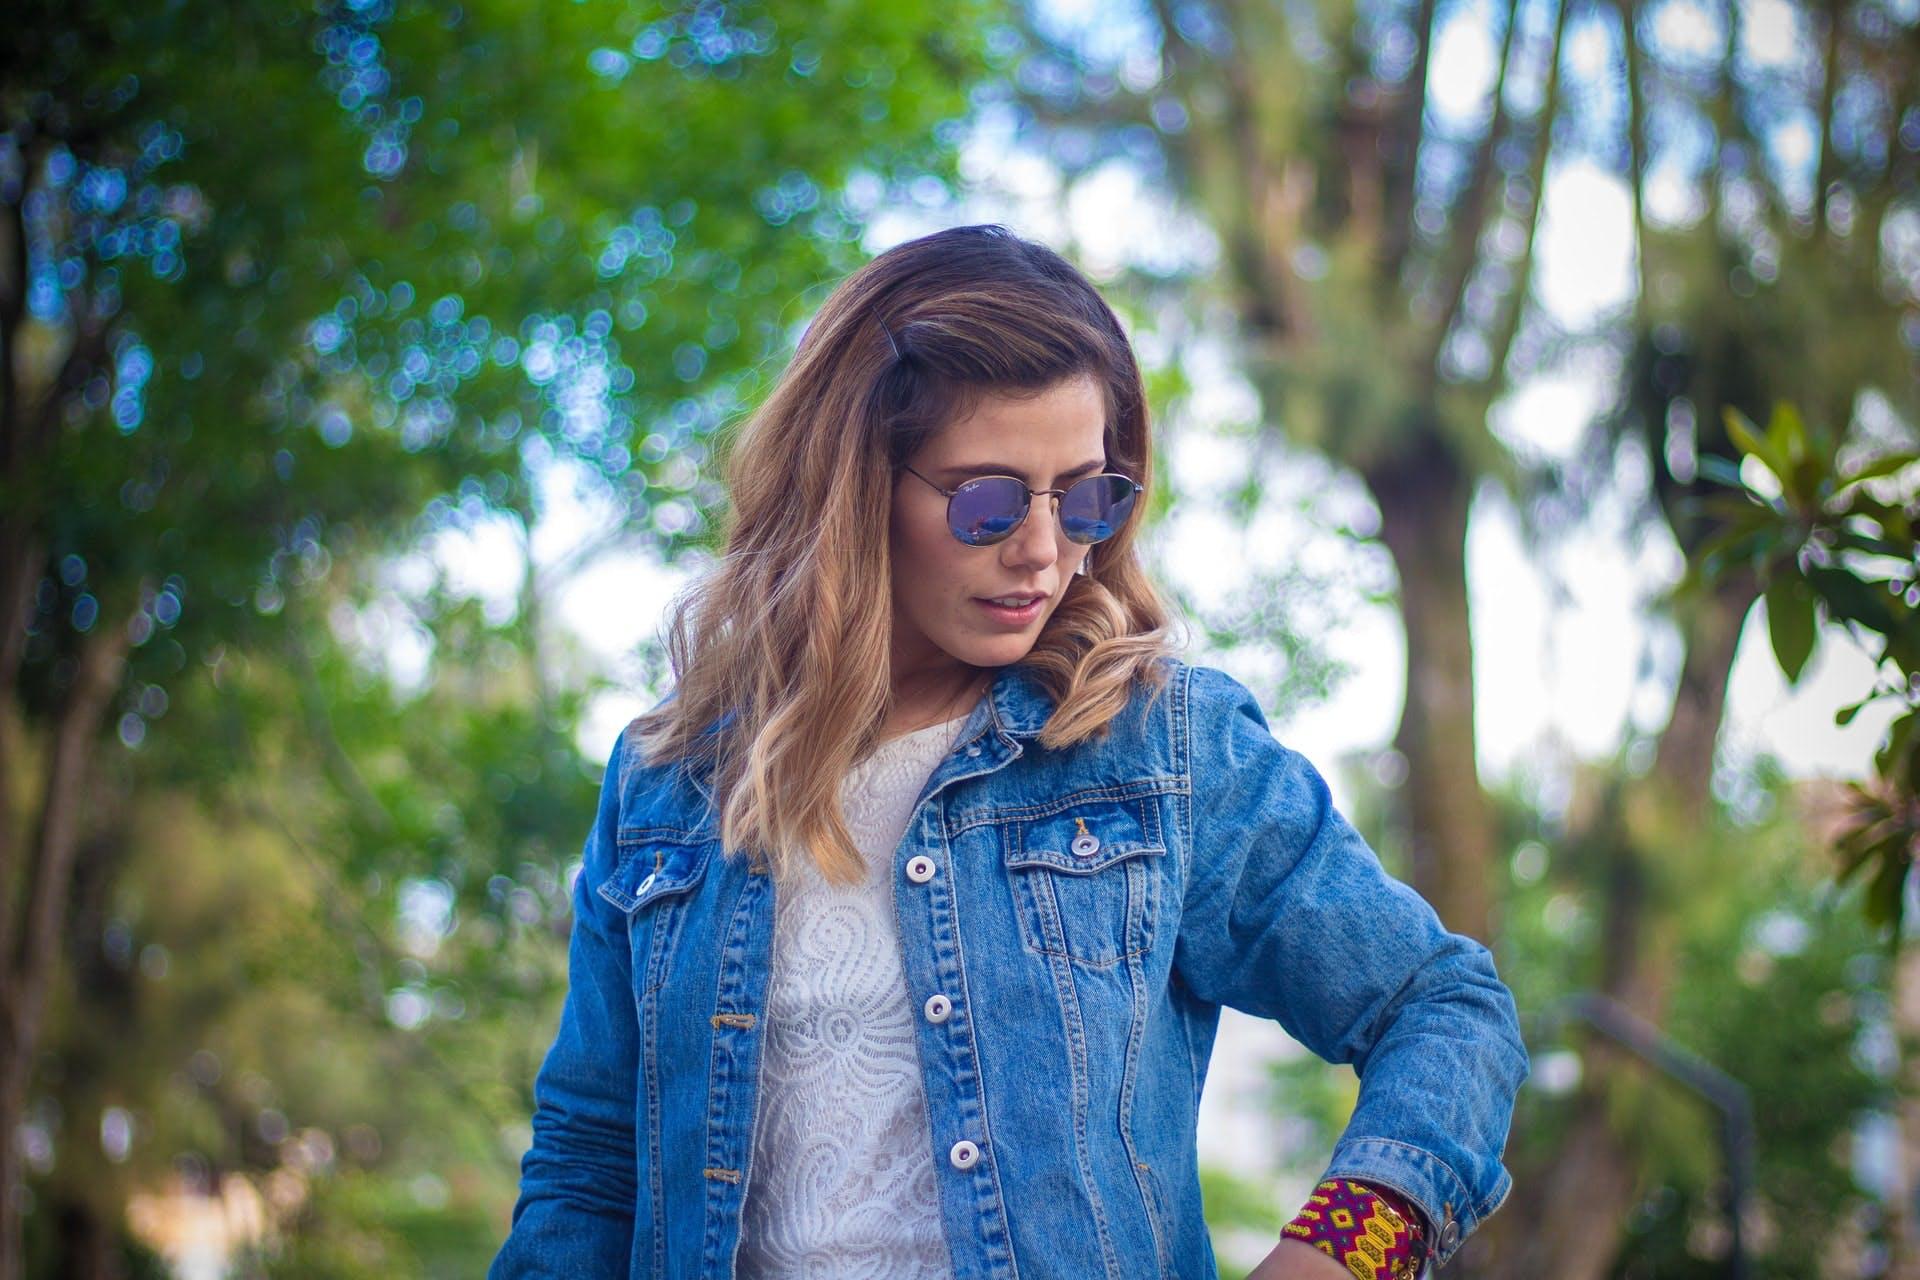 come fare foto ai tuoi abiti vintage per social